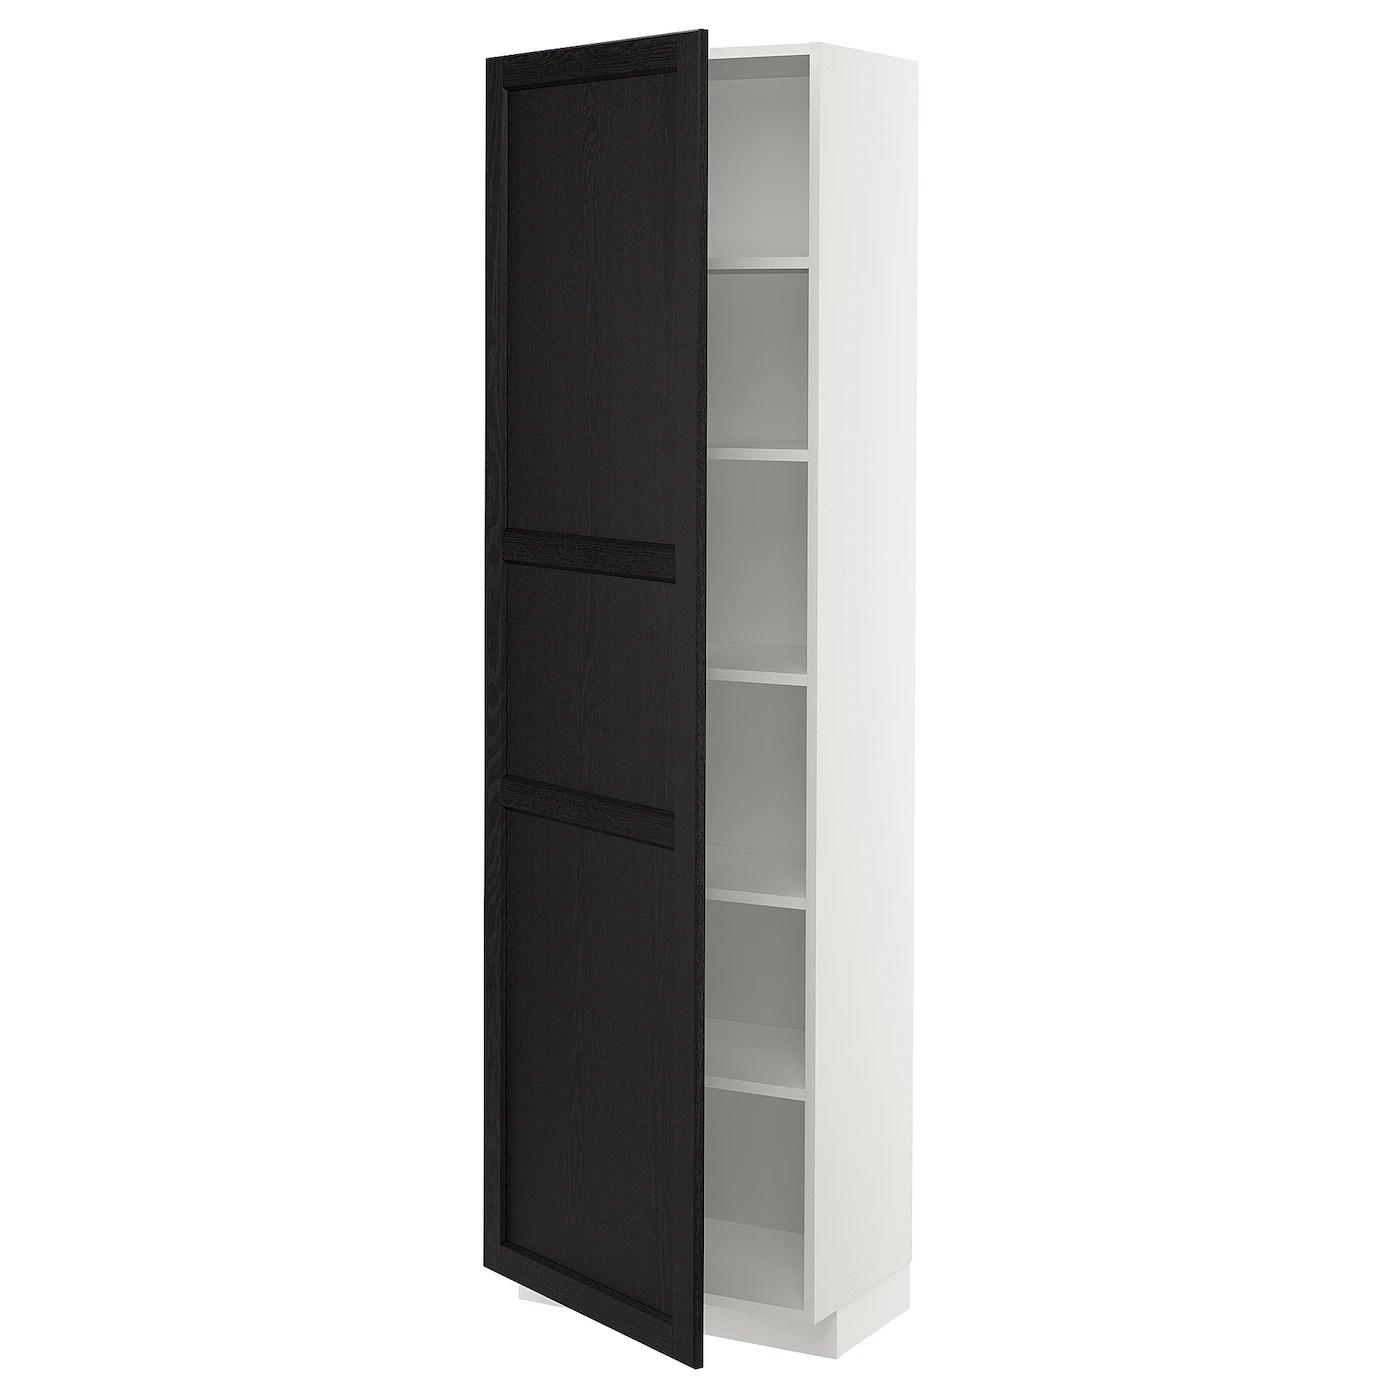 ikea metod armoire avec tablettes vous pouvez choisir de monter la porte a droite ou a